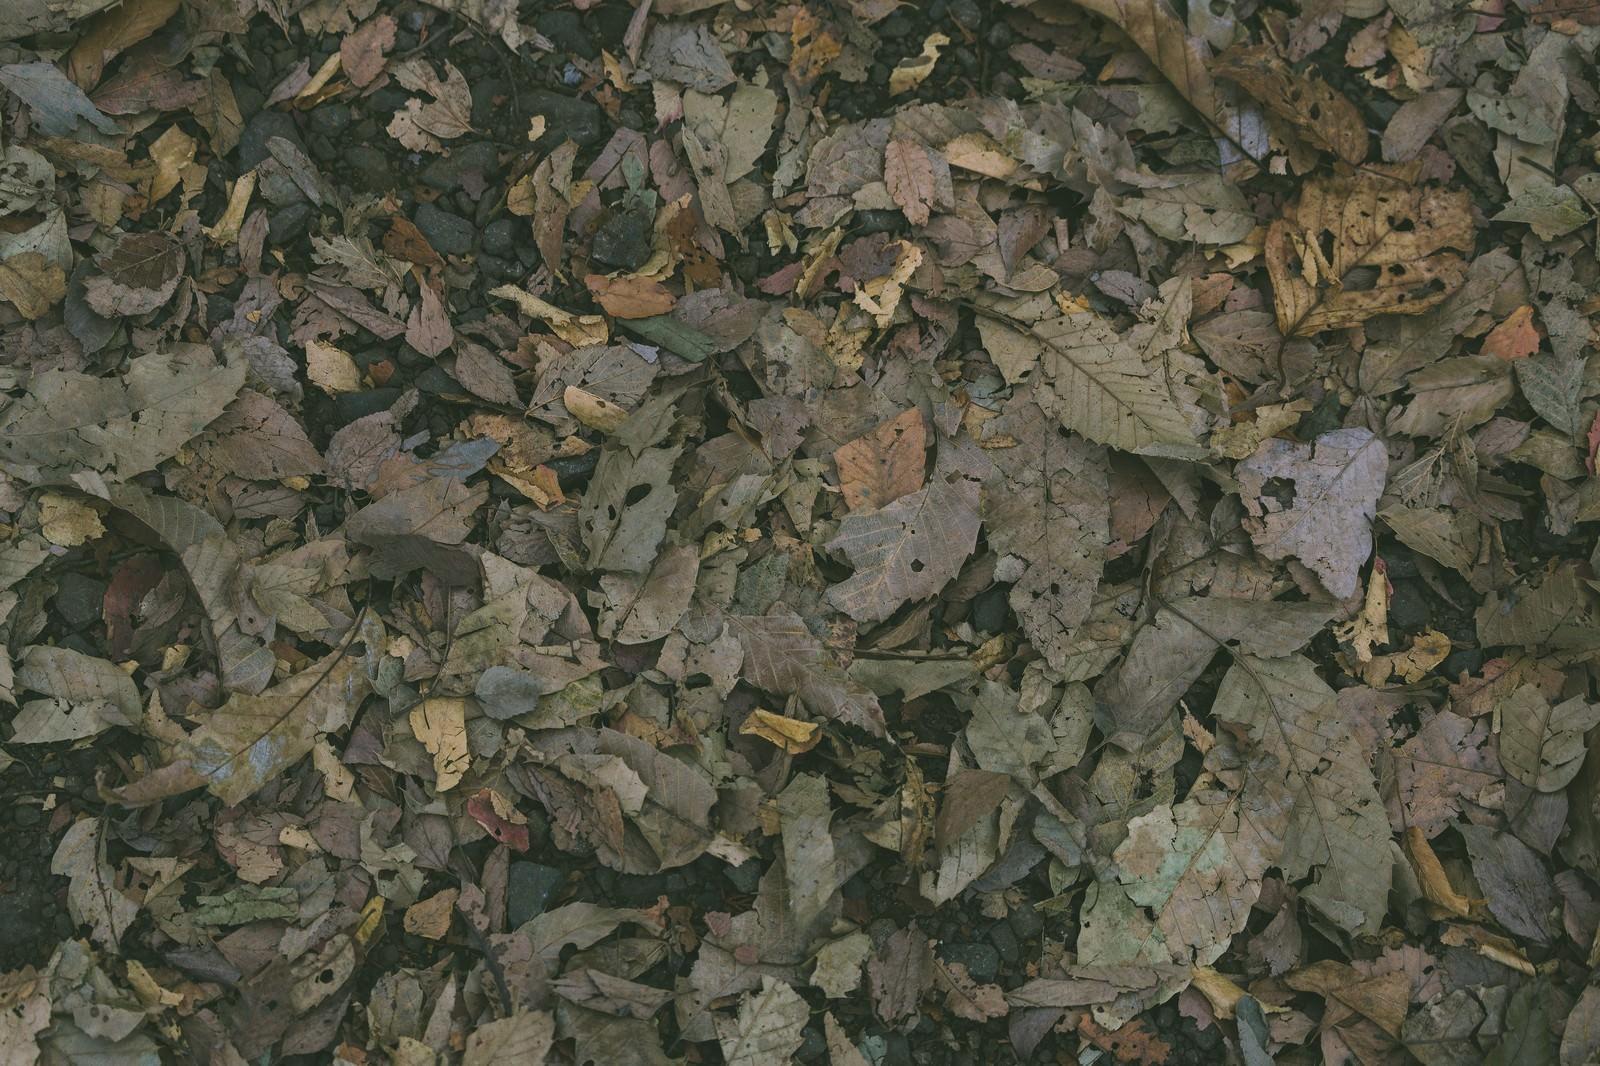 「枯れた落ち葉のテクスチャー」の写真